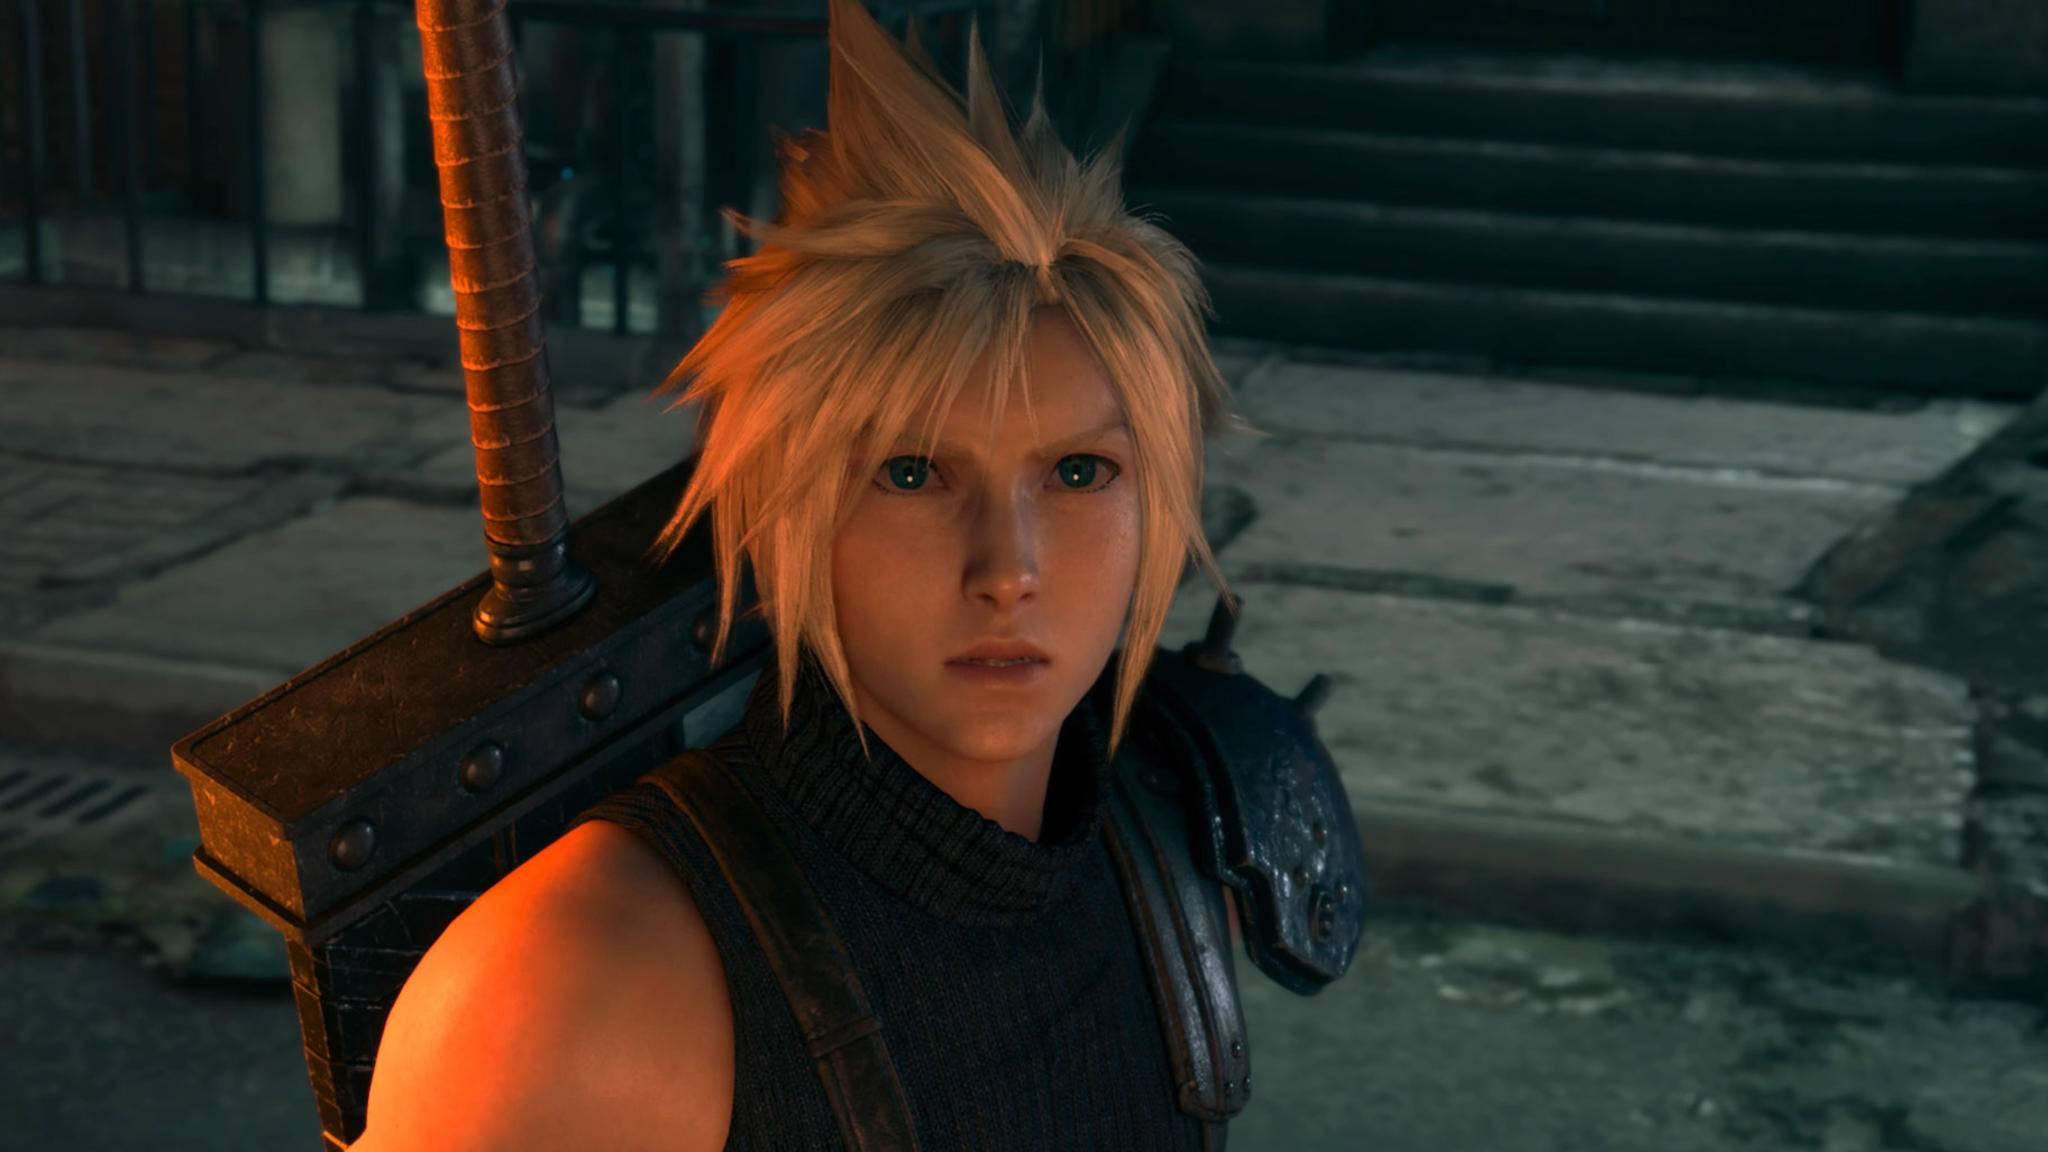 """Cloud im """"Final Fantasy 7 HD Remake"""": Lohnt sich der Kauf?"""